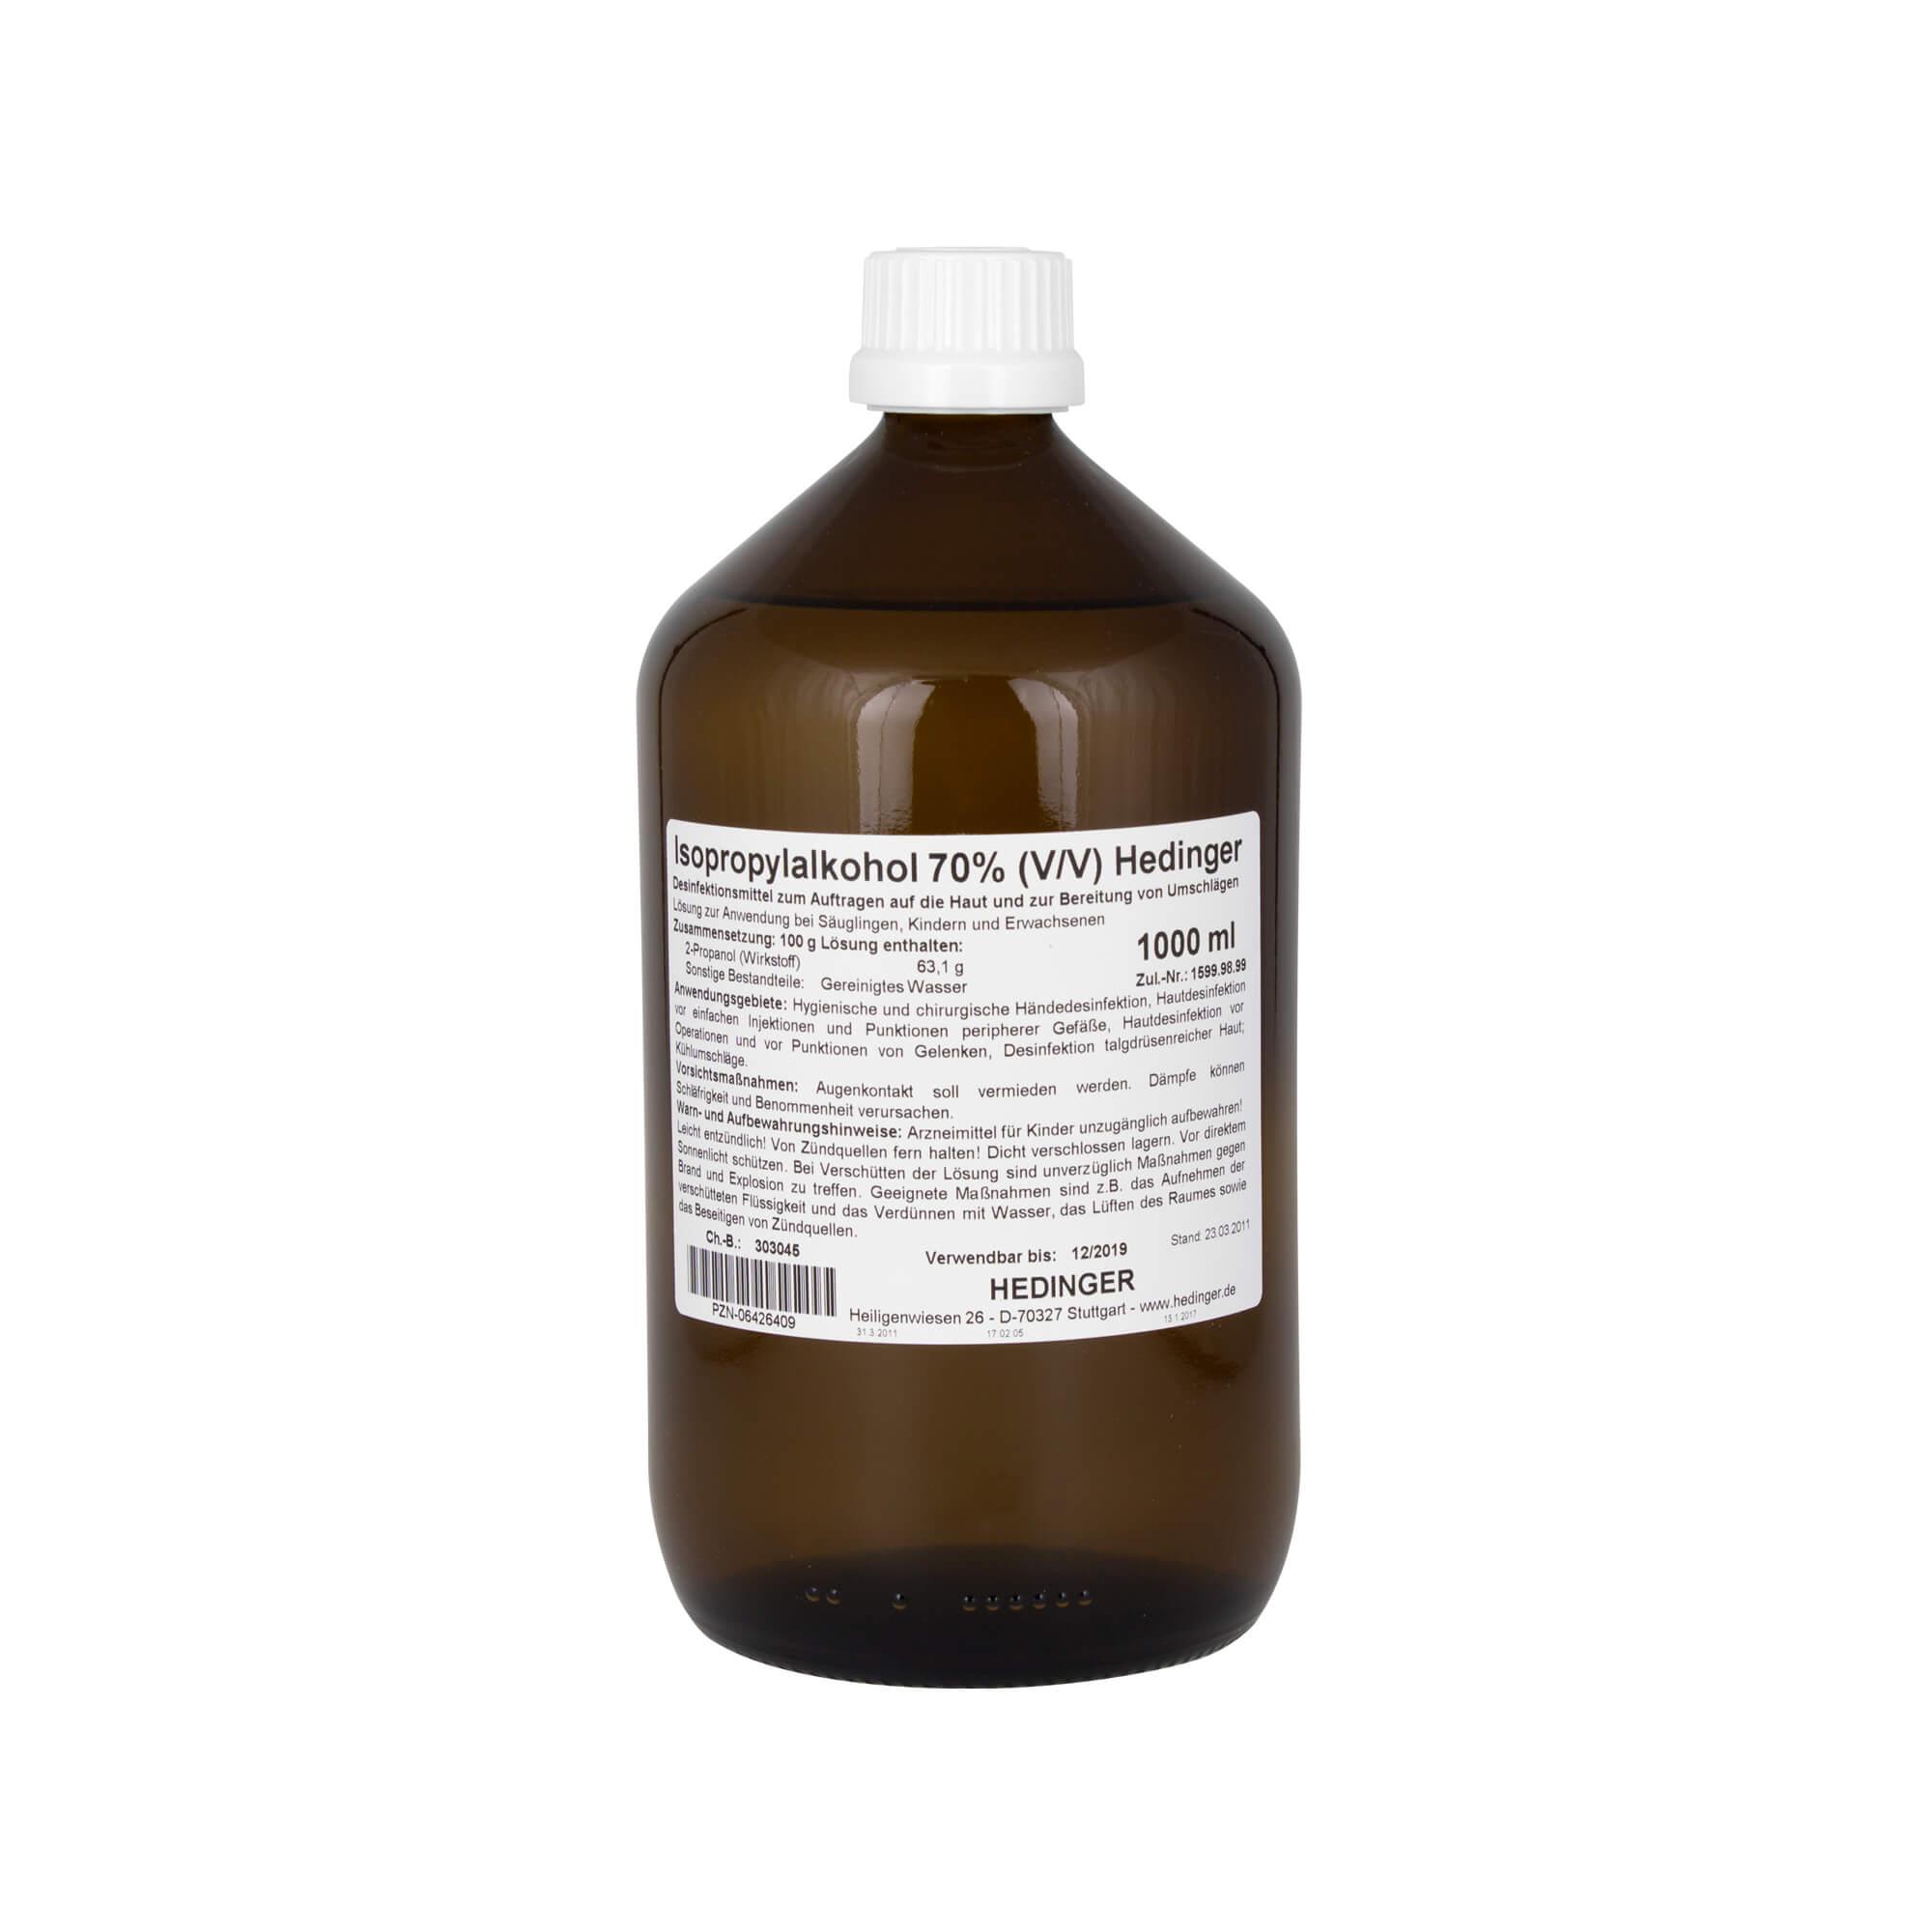 Hedinger Isopropylakohol 70 %